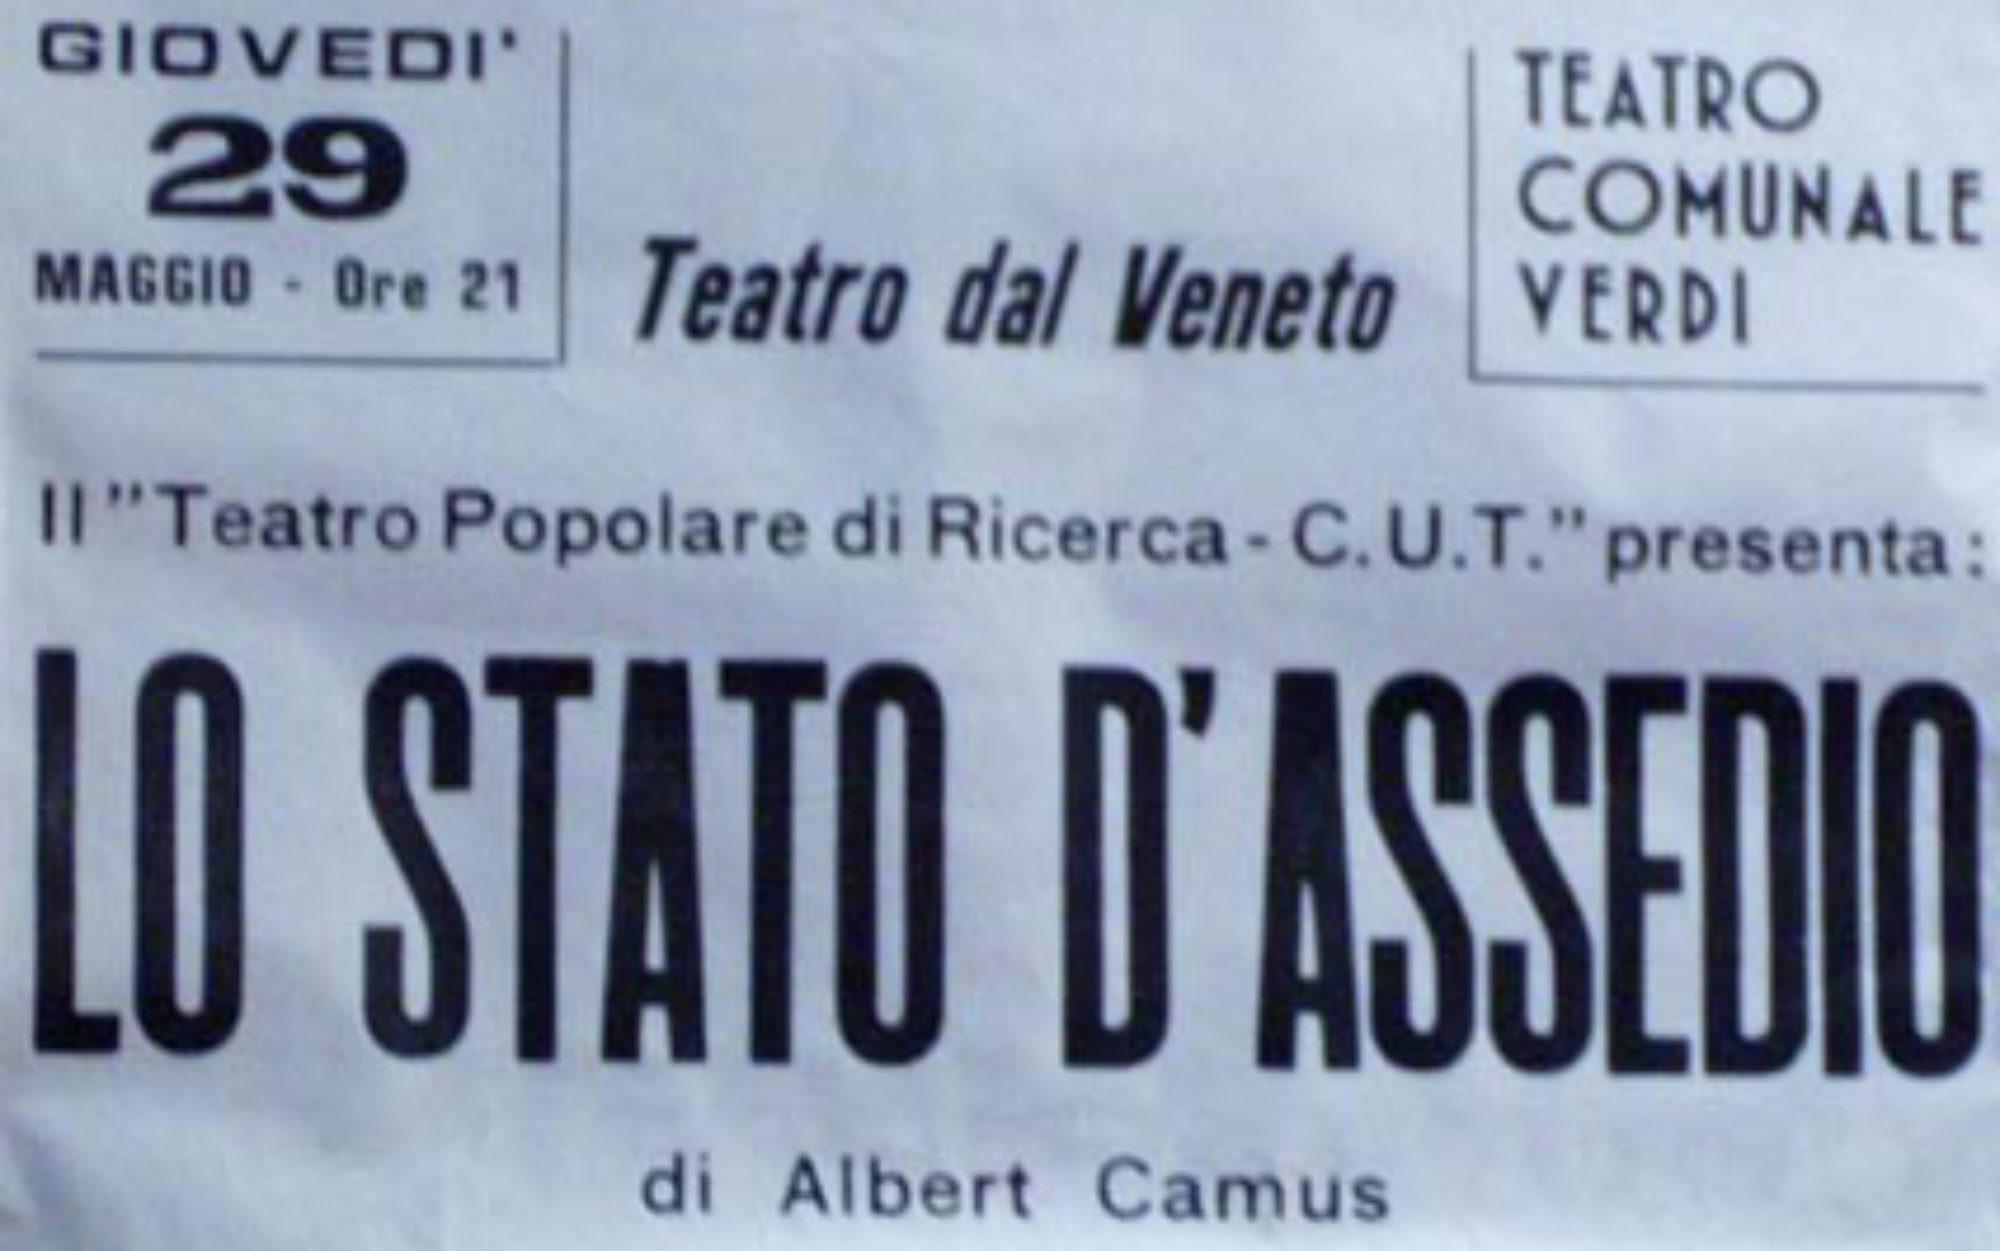 Teatro Popolare di Ricerca-Centro Universitario Teatrale